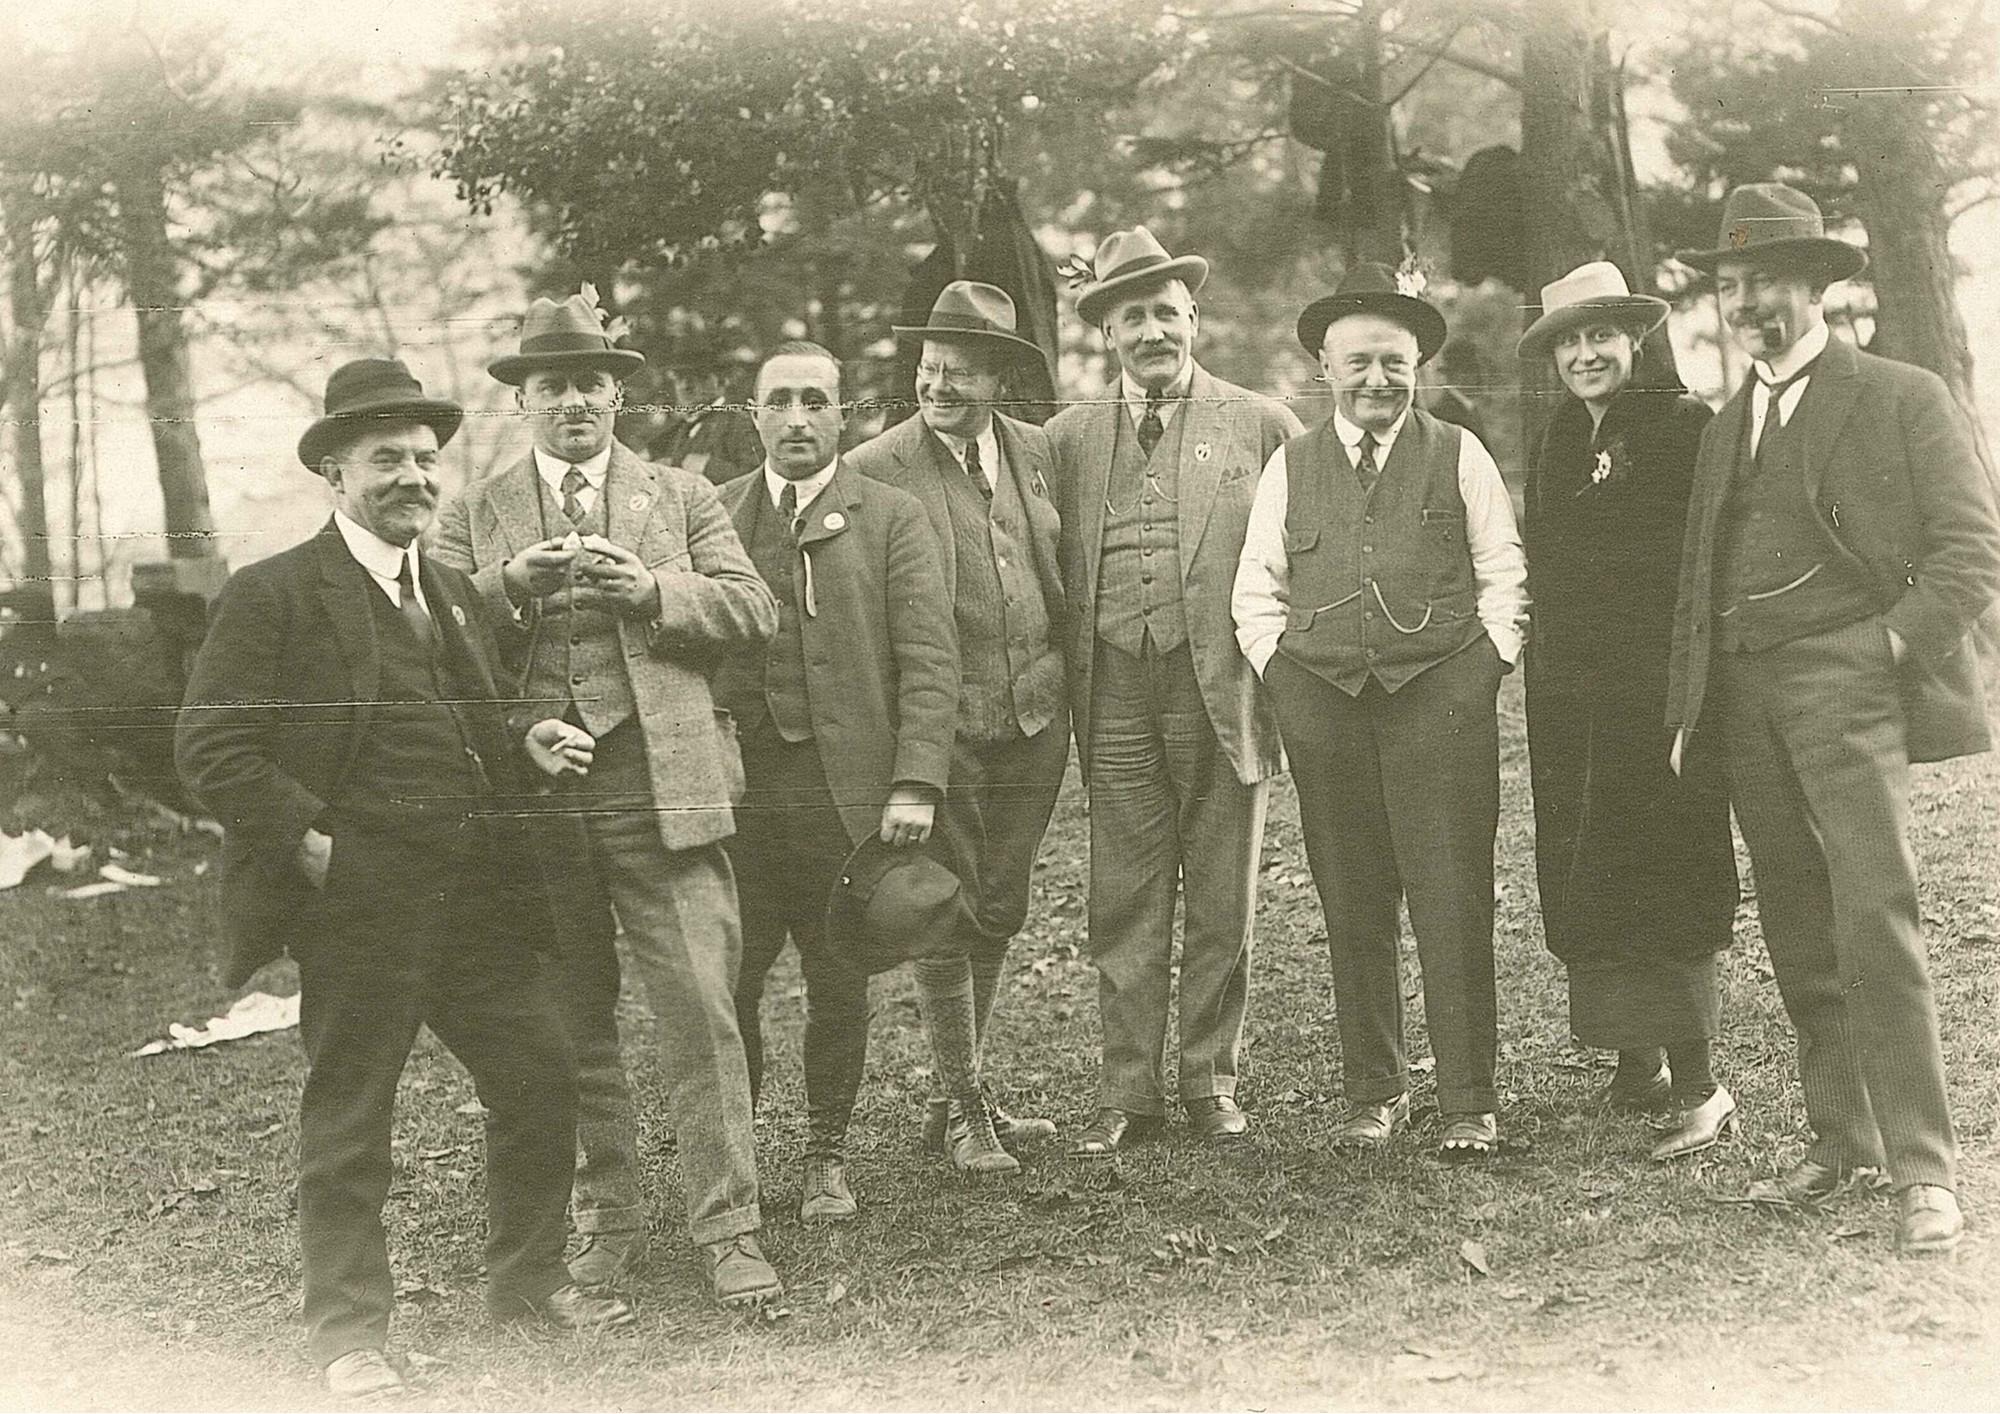 Die Feuerschützen am Rütlischiessen in den 1920er Jahren